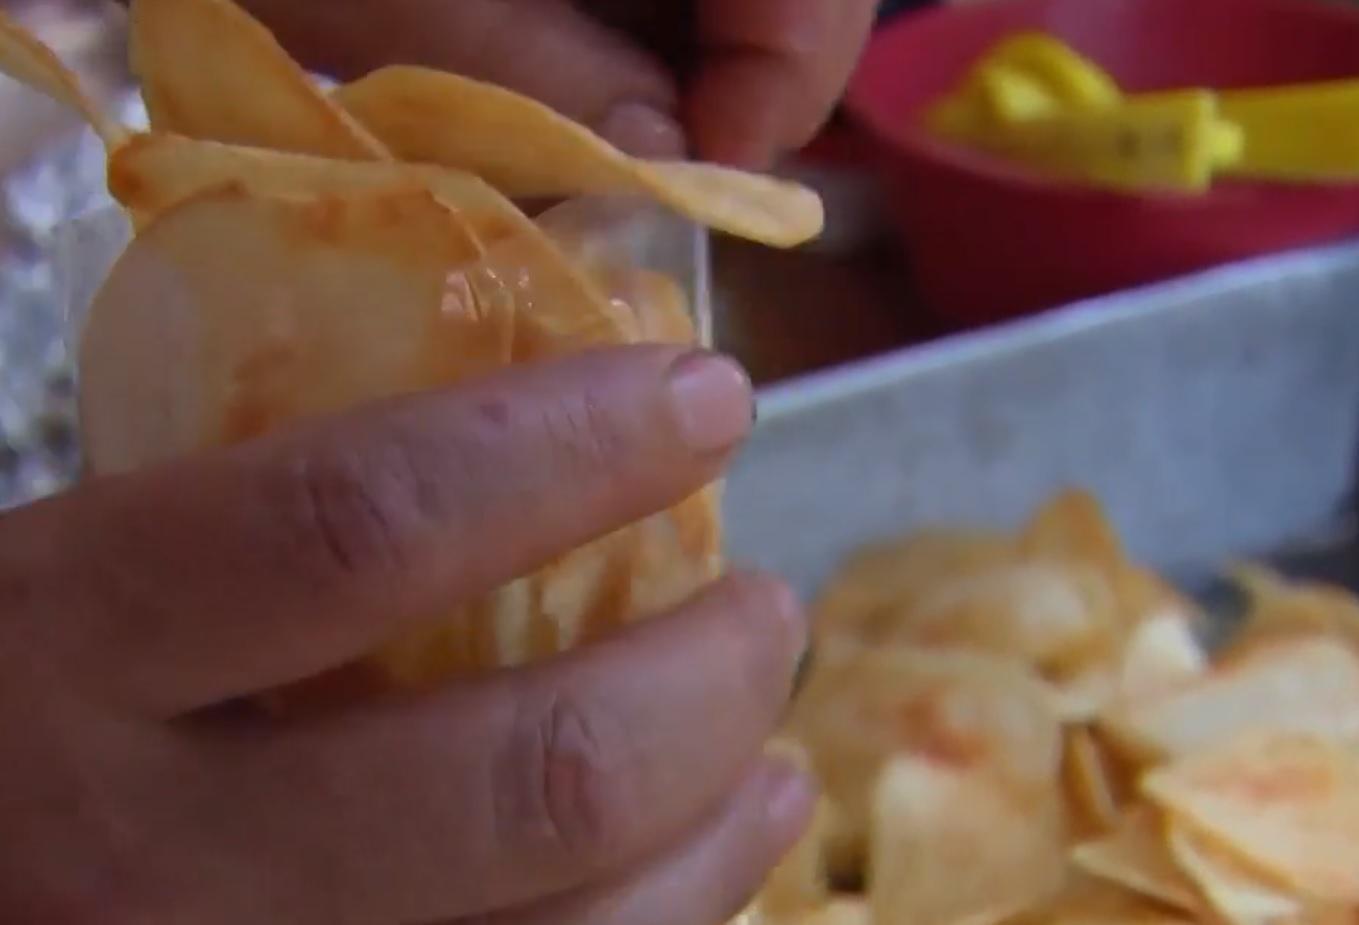 Impuesto a comida chatarra ingresa al erario 7 mil 602 mdp